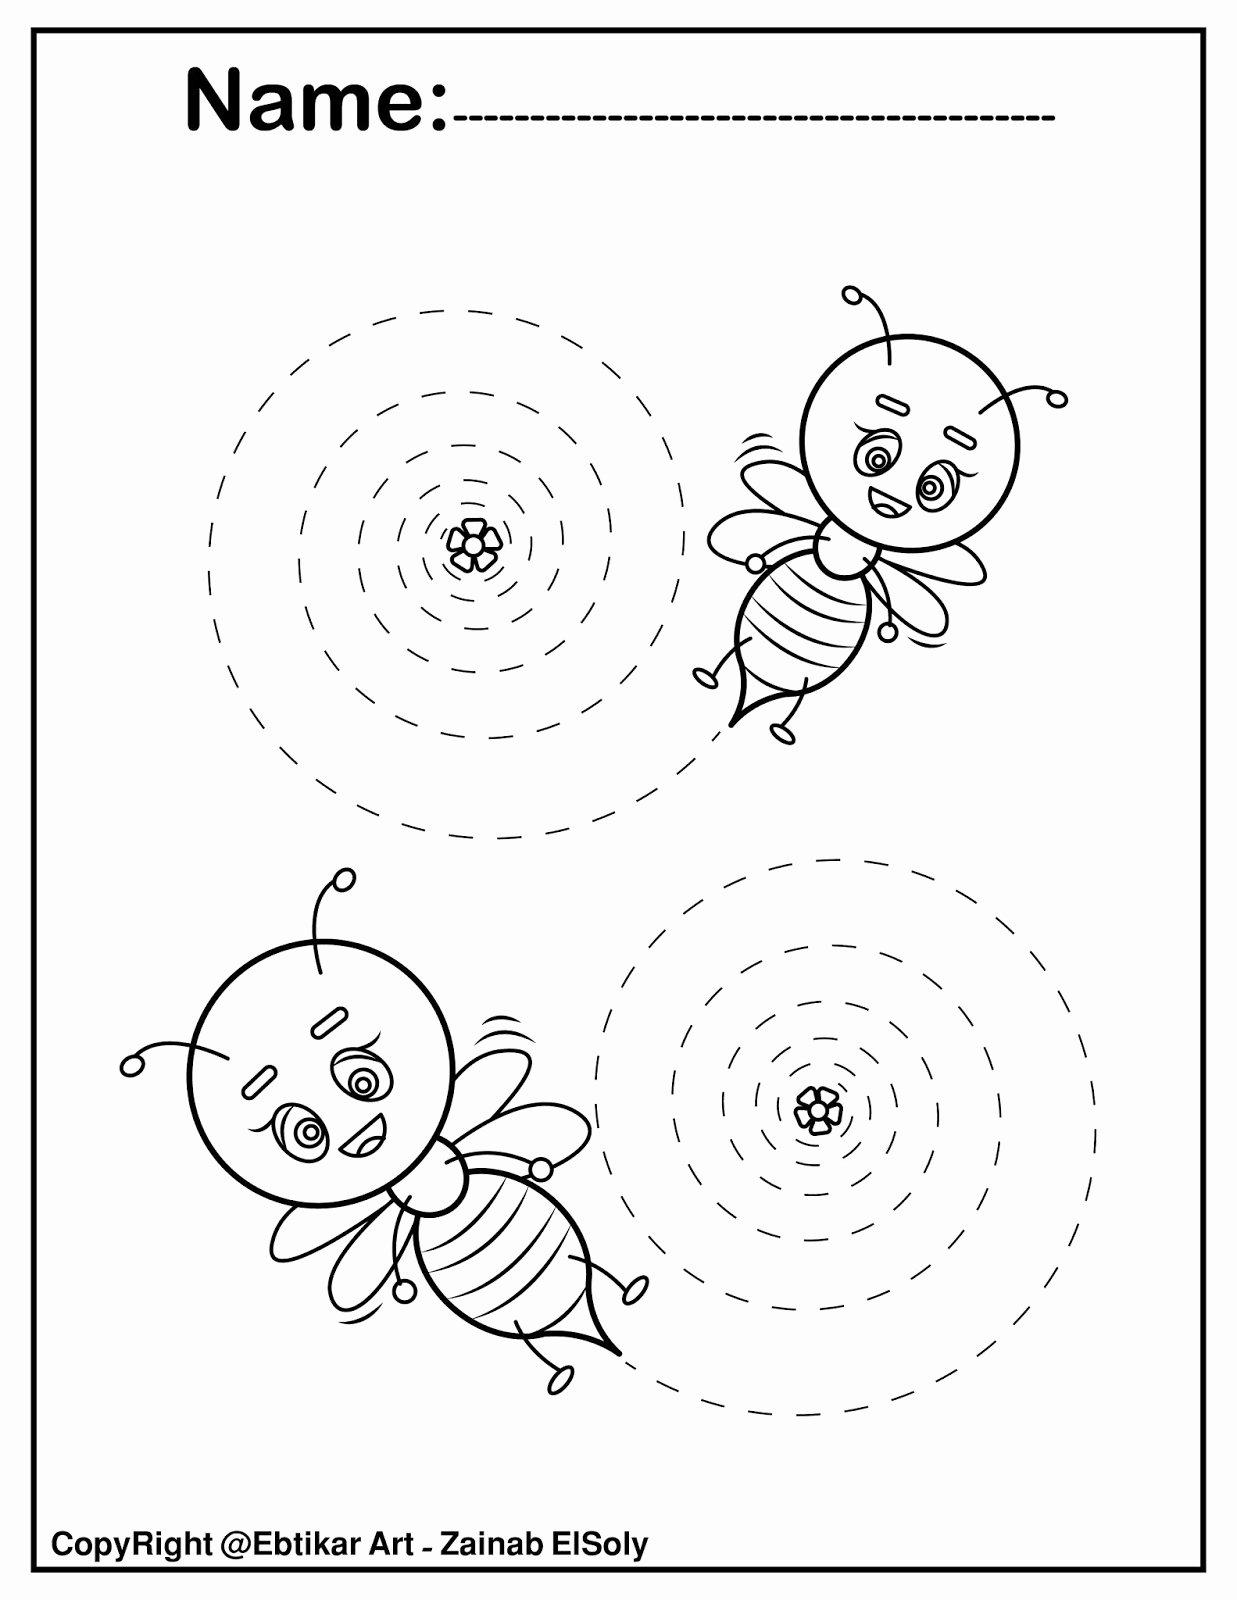 Fine Motor Skills Worksheets for Preschoolers Printable Worksheets Fine Motor Skills Tracing Lines Worksheets